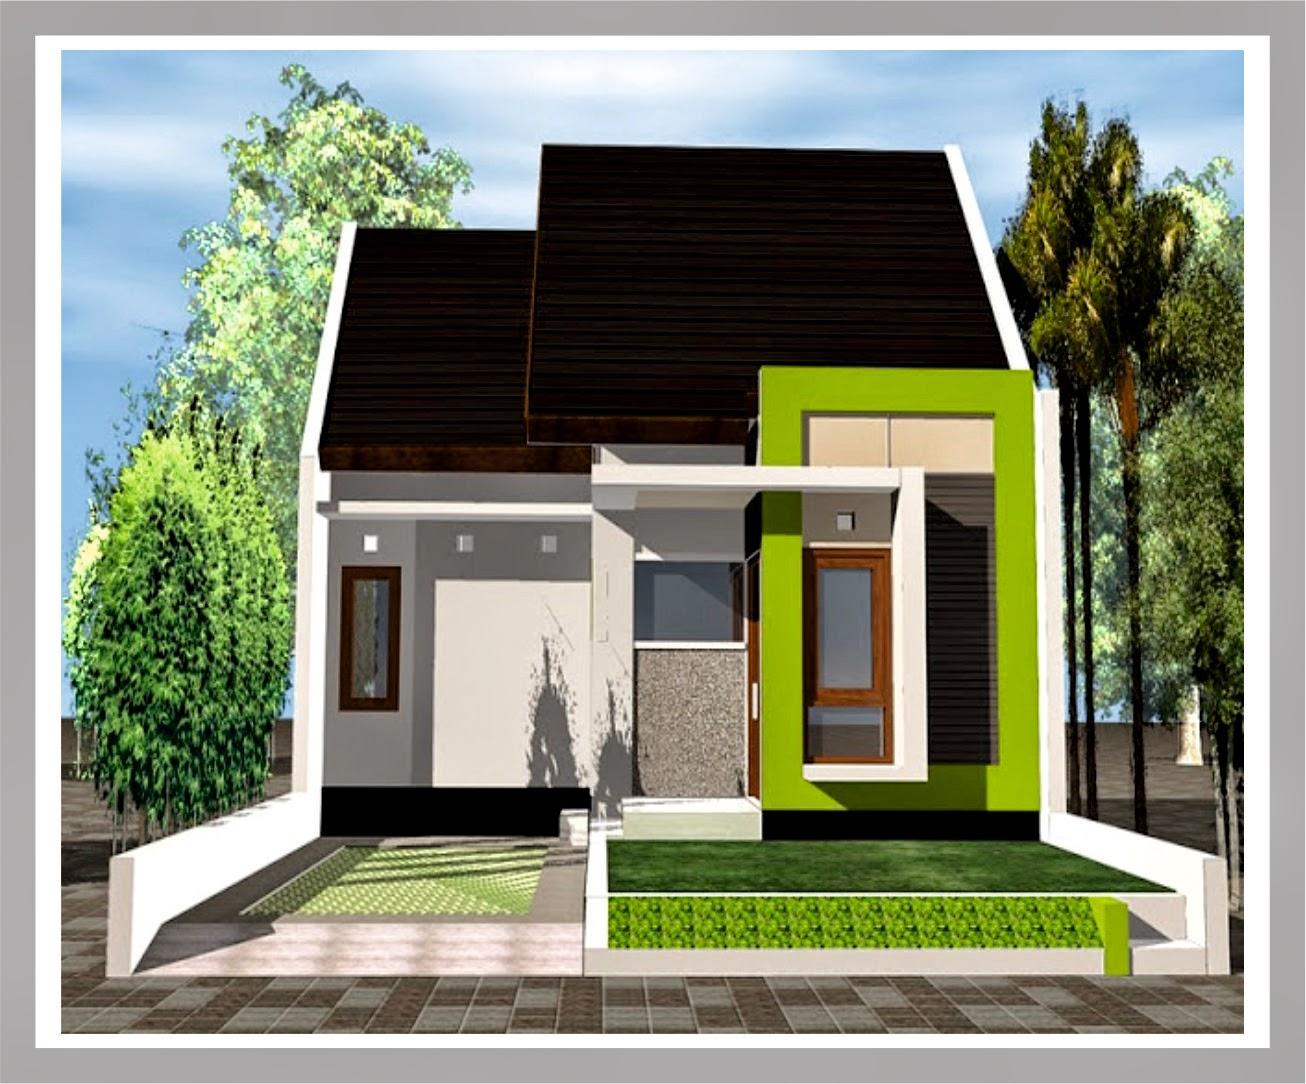 62 Desain Rumah Minimalis Warna Putih | Desain Rumah ...